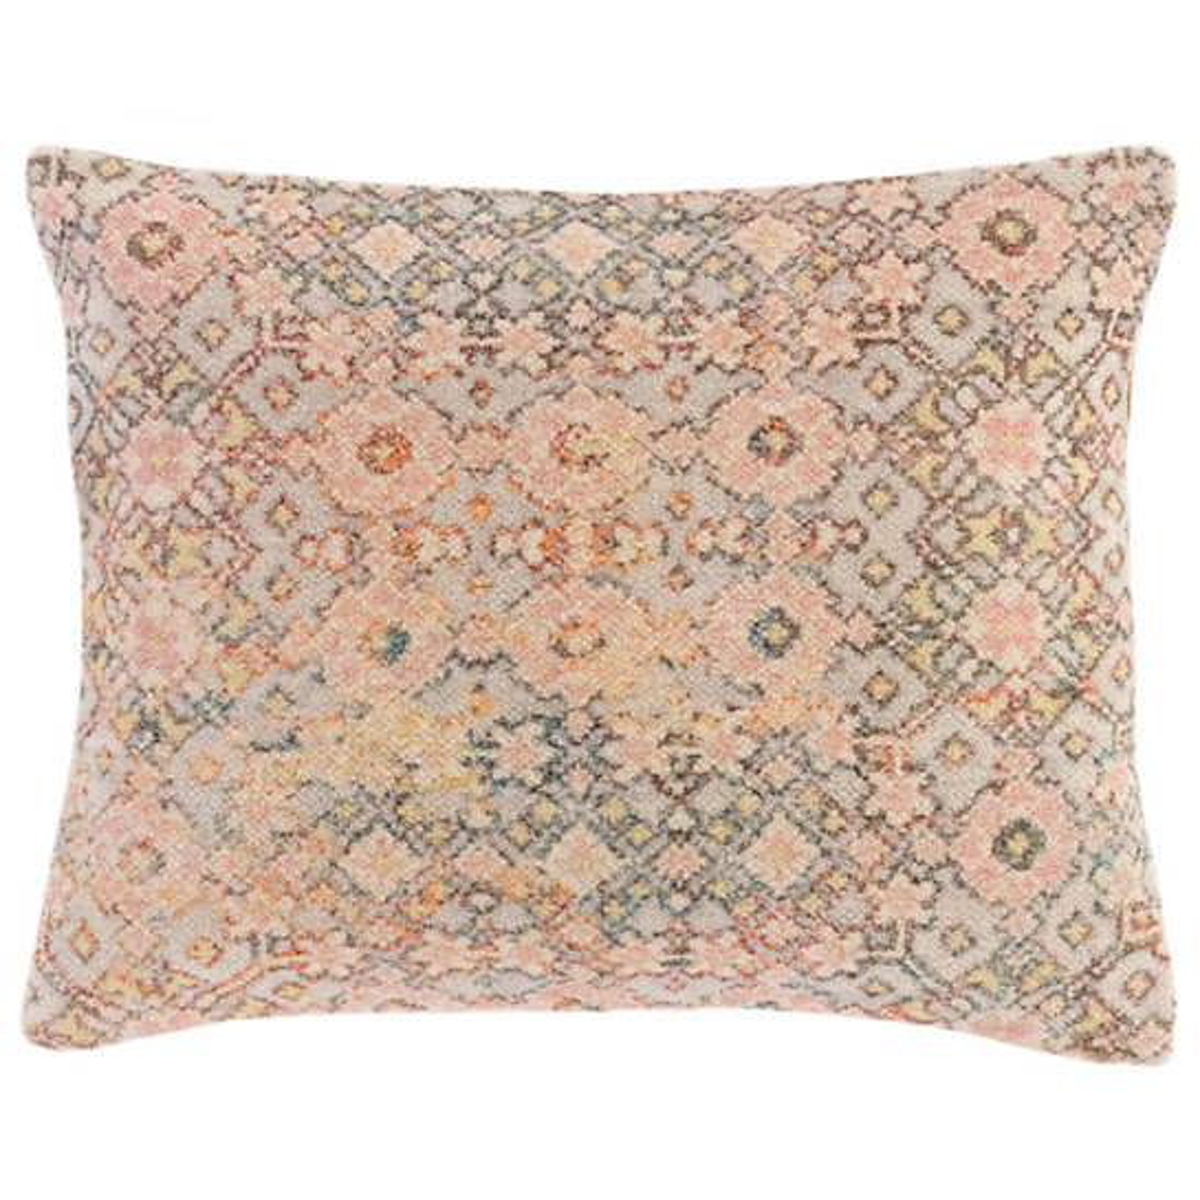 Borage Chenille  Decorative Pillow